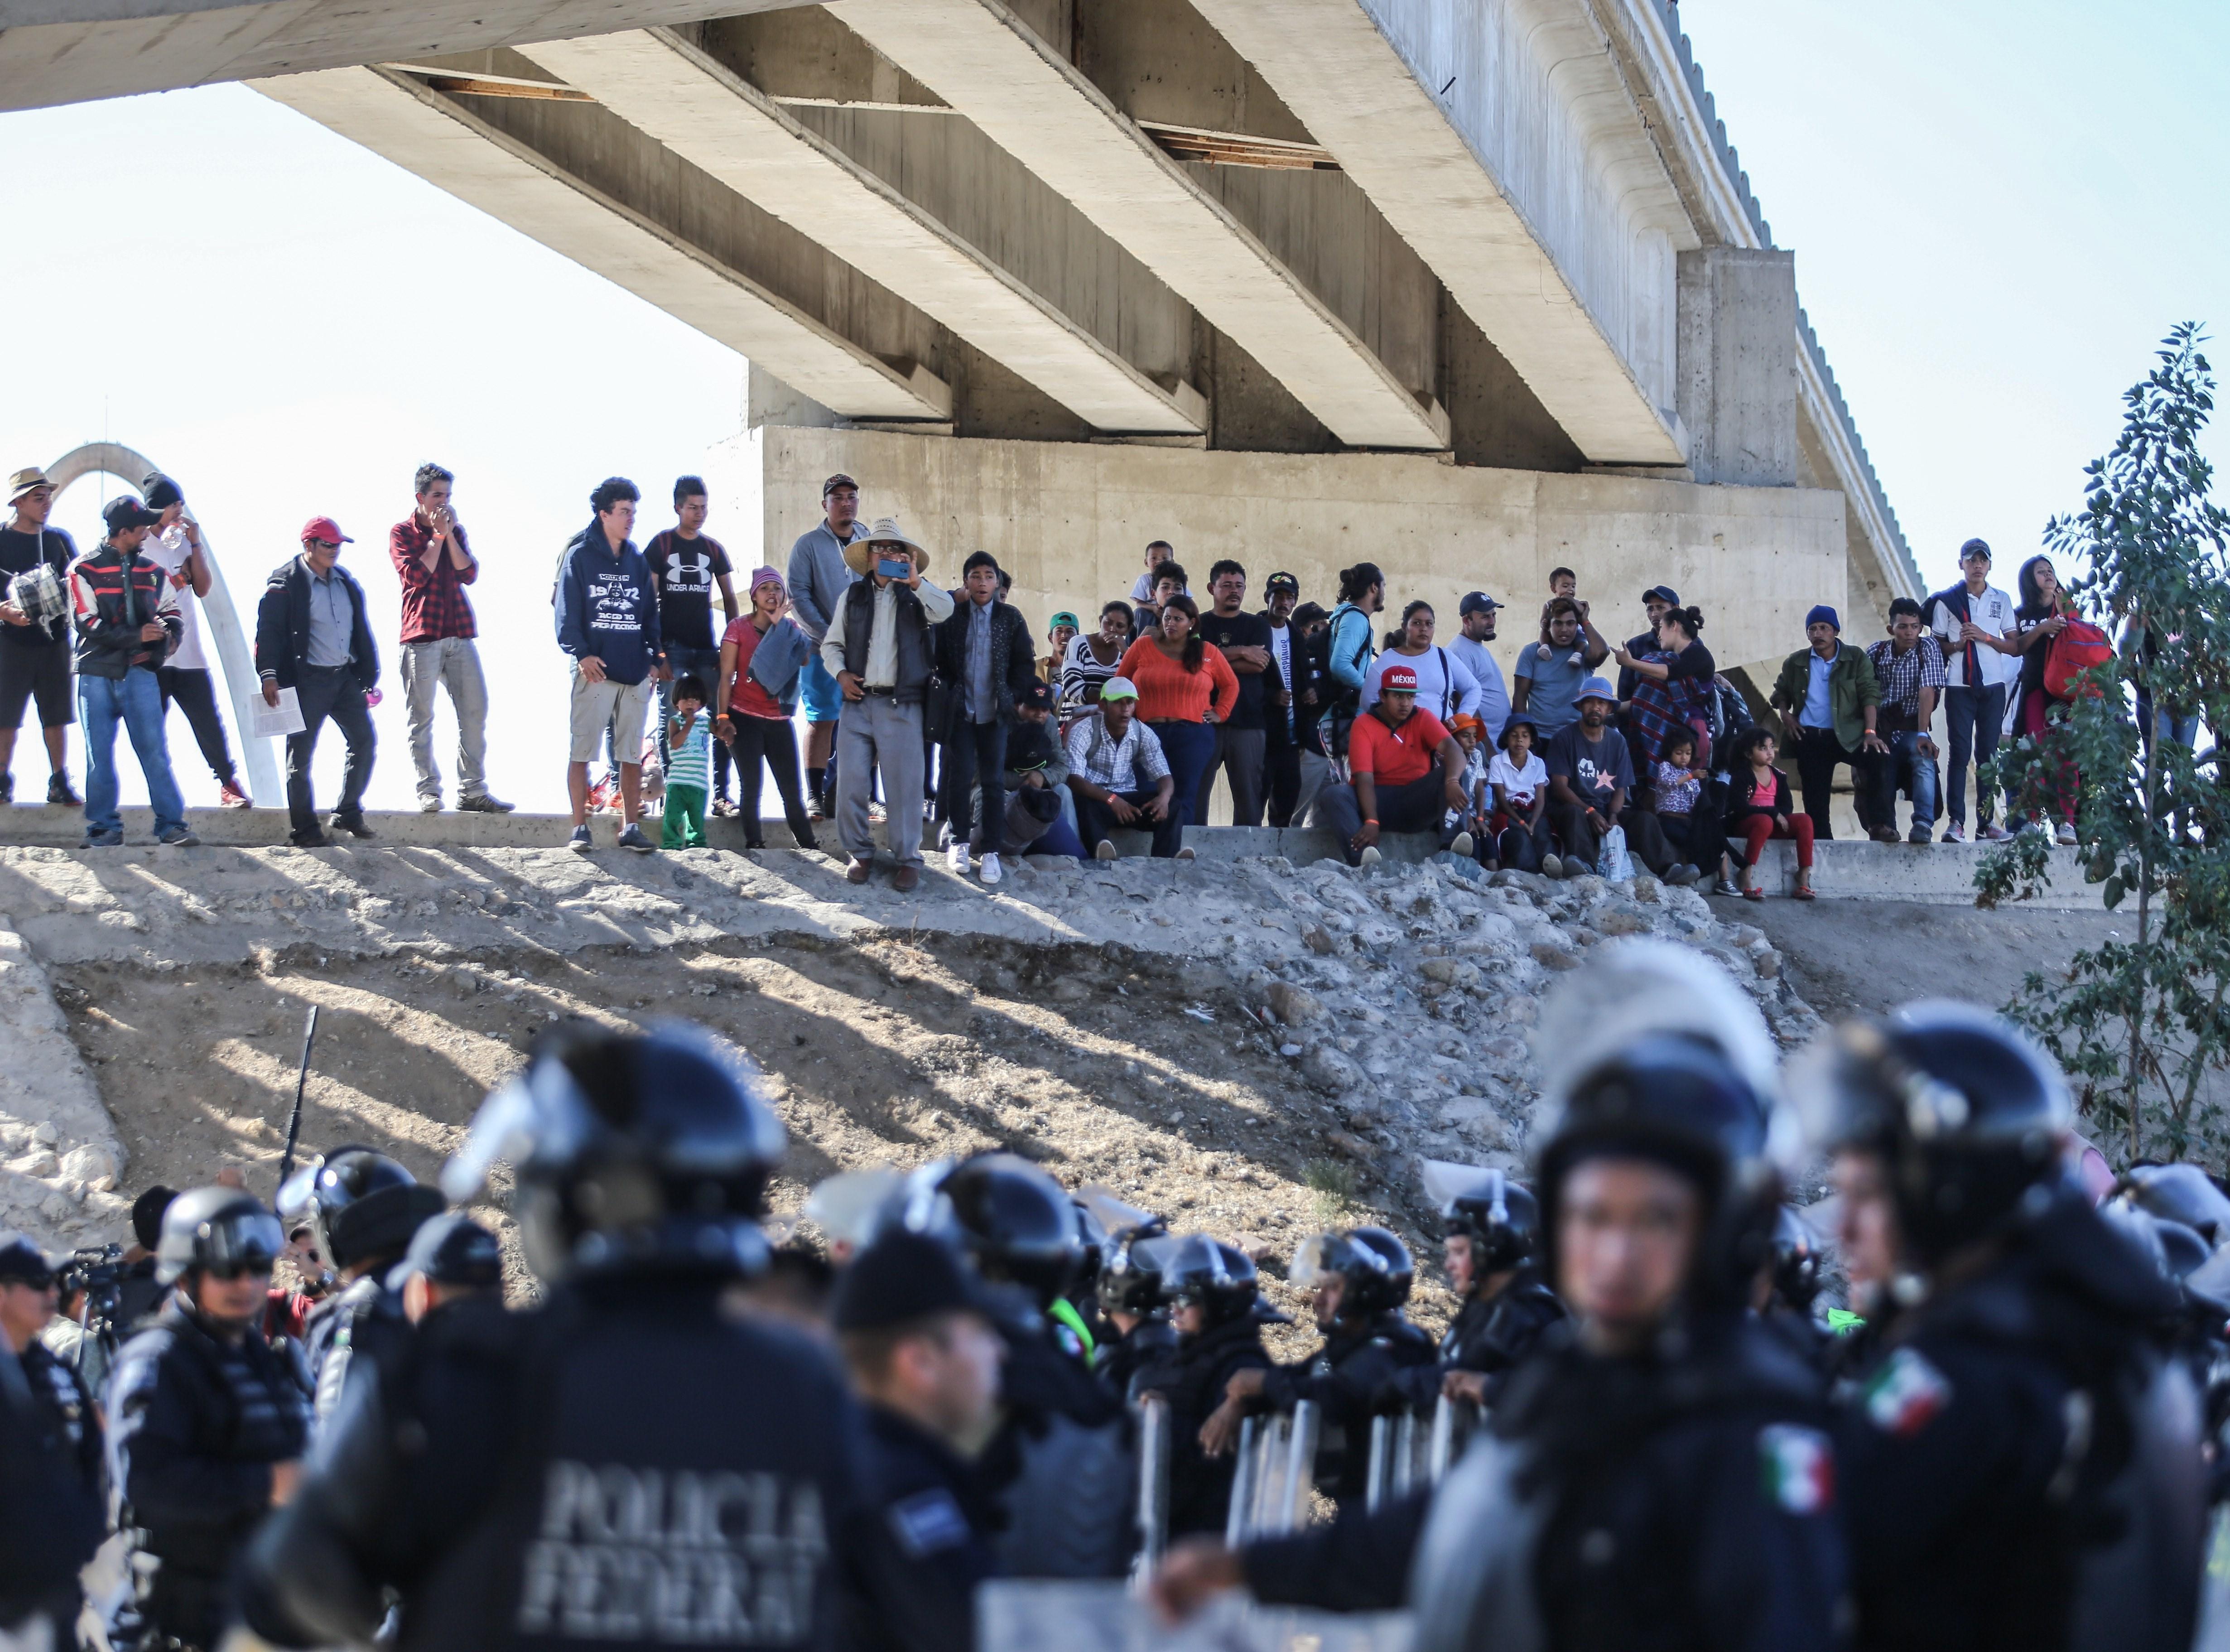 Un grupo de migrantes de la caravana de centroamericanos que avanzó el domingo 25 de noviembre de 2018, hacia la garita de San Ysidro, EE.UU. se desvió de la ruta prevista para intentar cruzar el muro fronterizo por otros puntos, en tanto la policía fronteriza estadounidense les lanzó gas lacrimógeno.